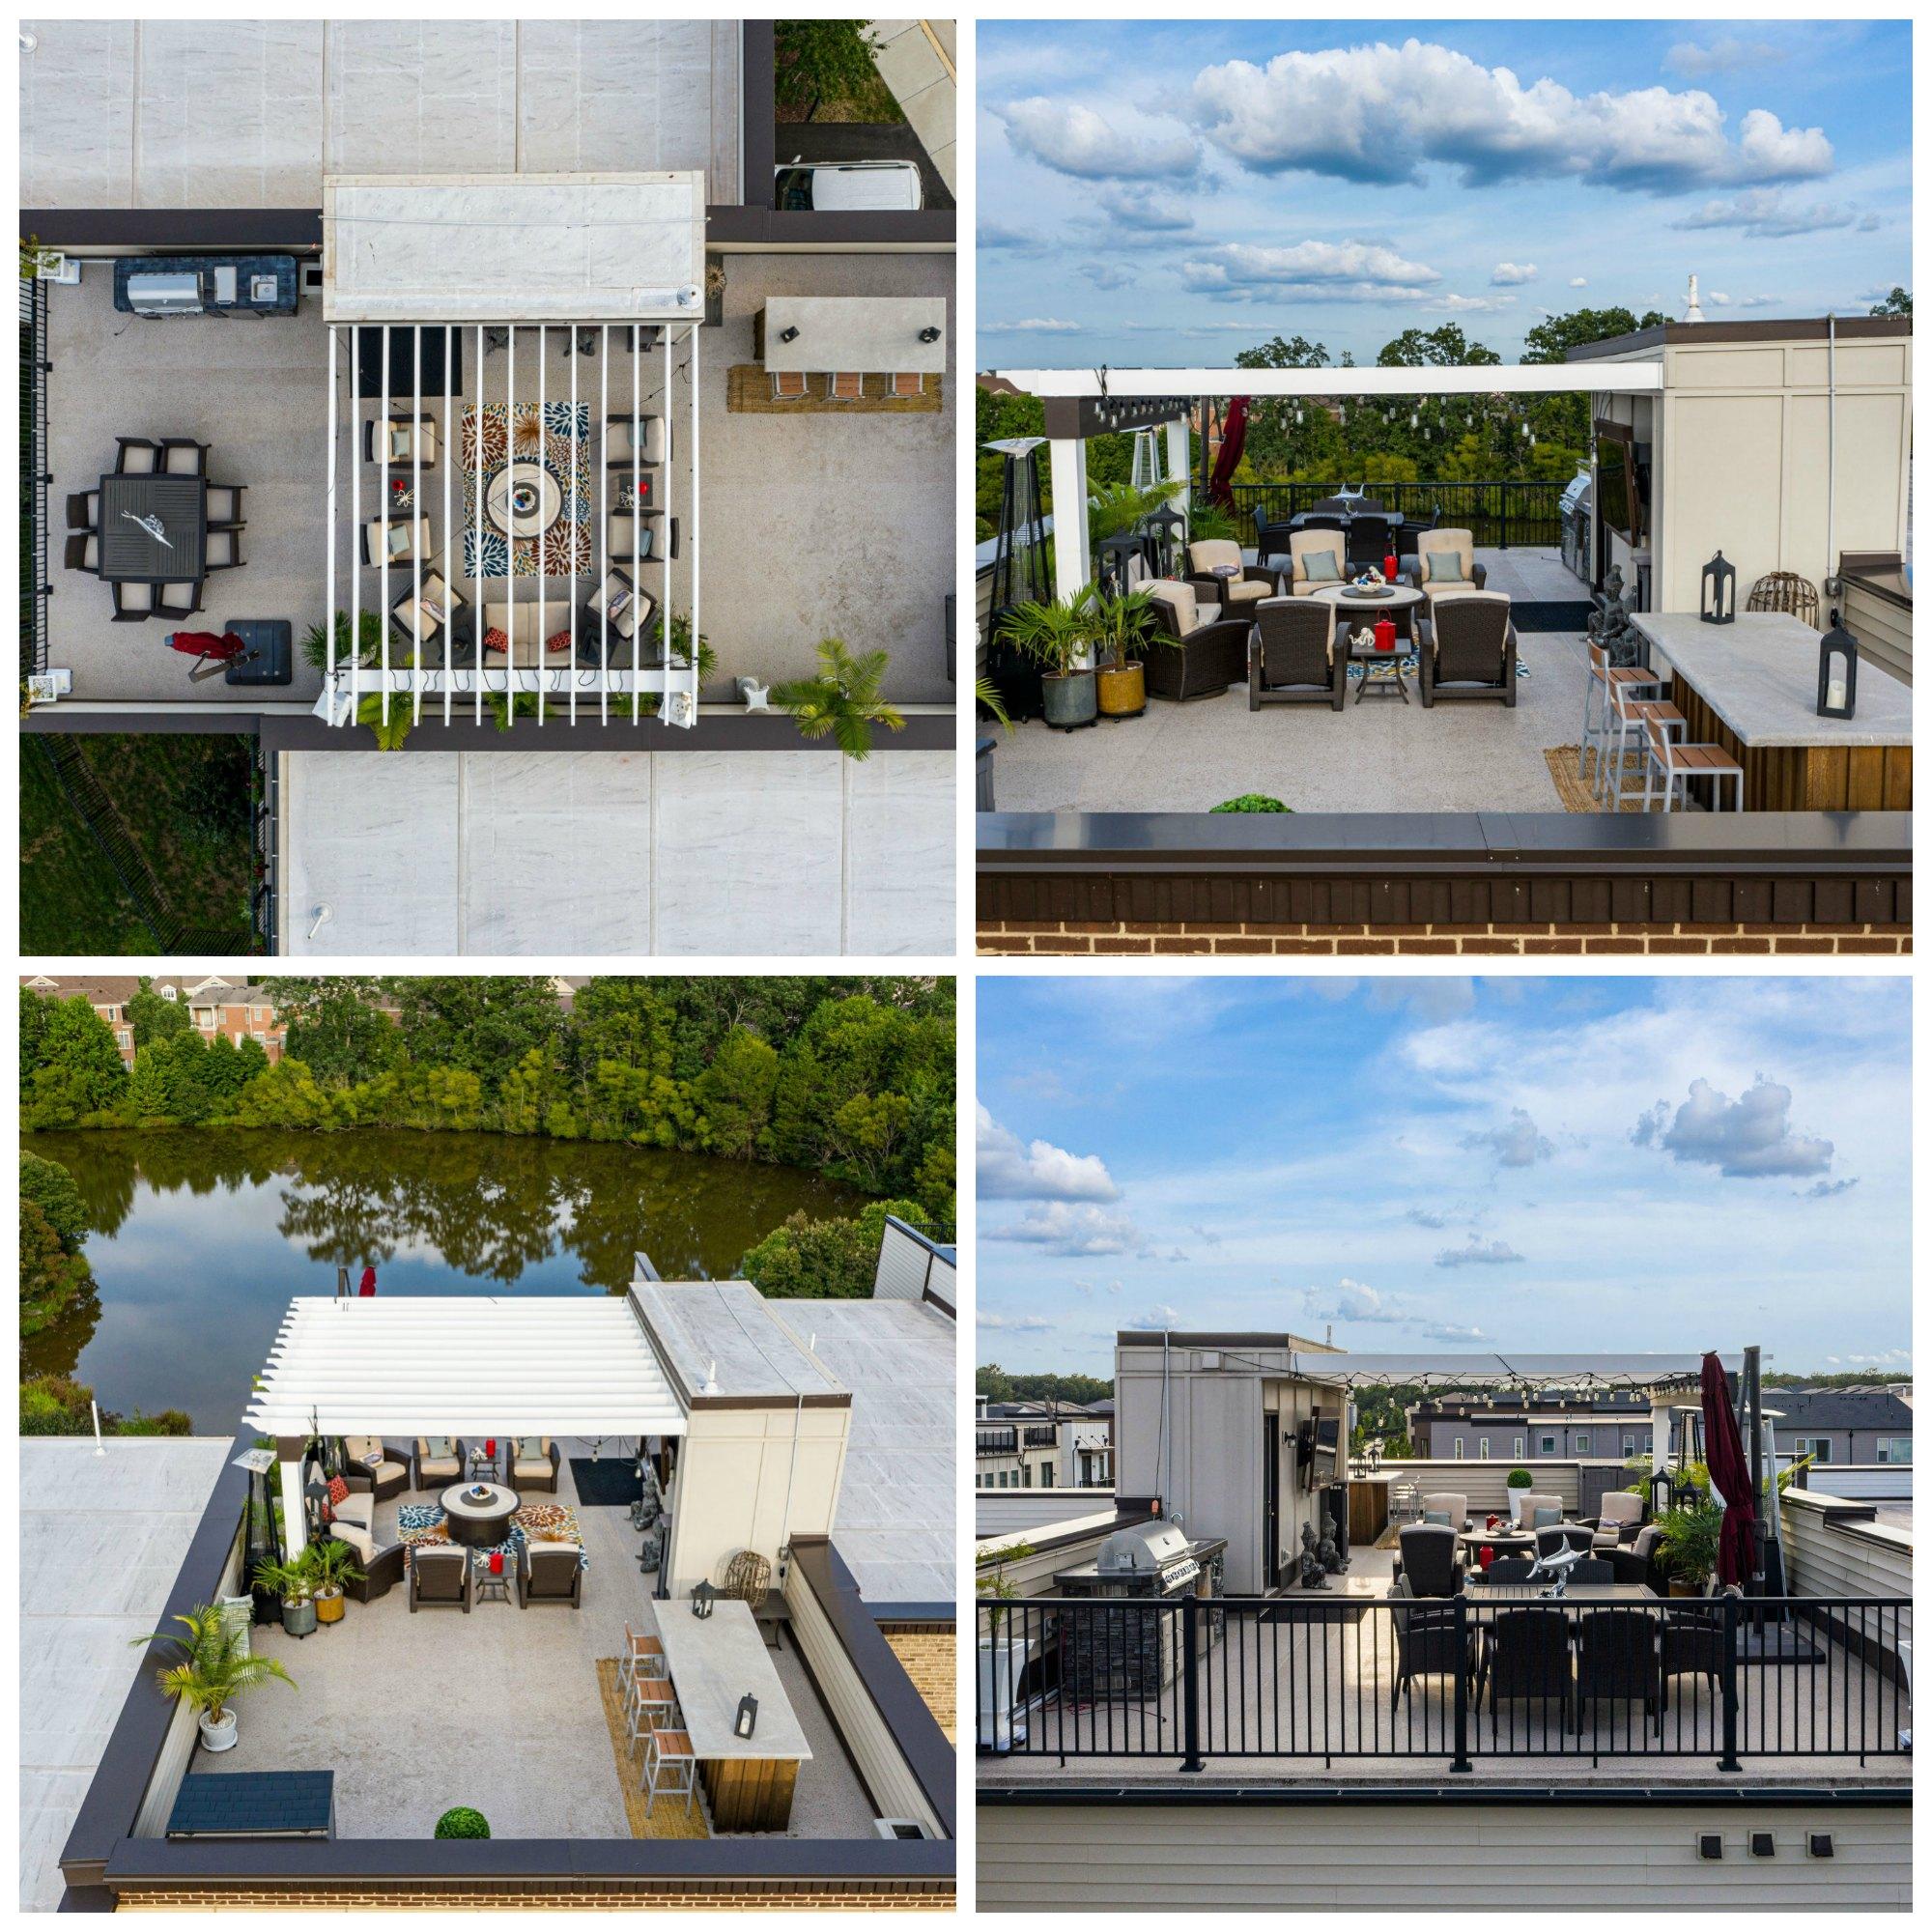 23094 Sullivans Cove Sq, Brambleton_Rooftop Veranda